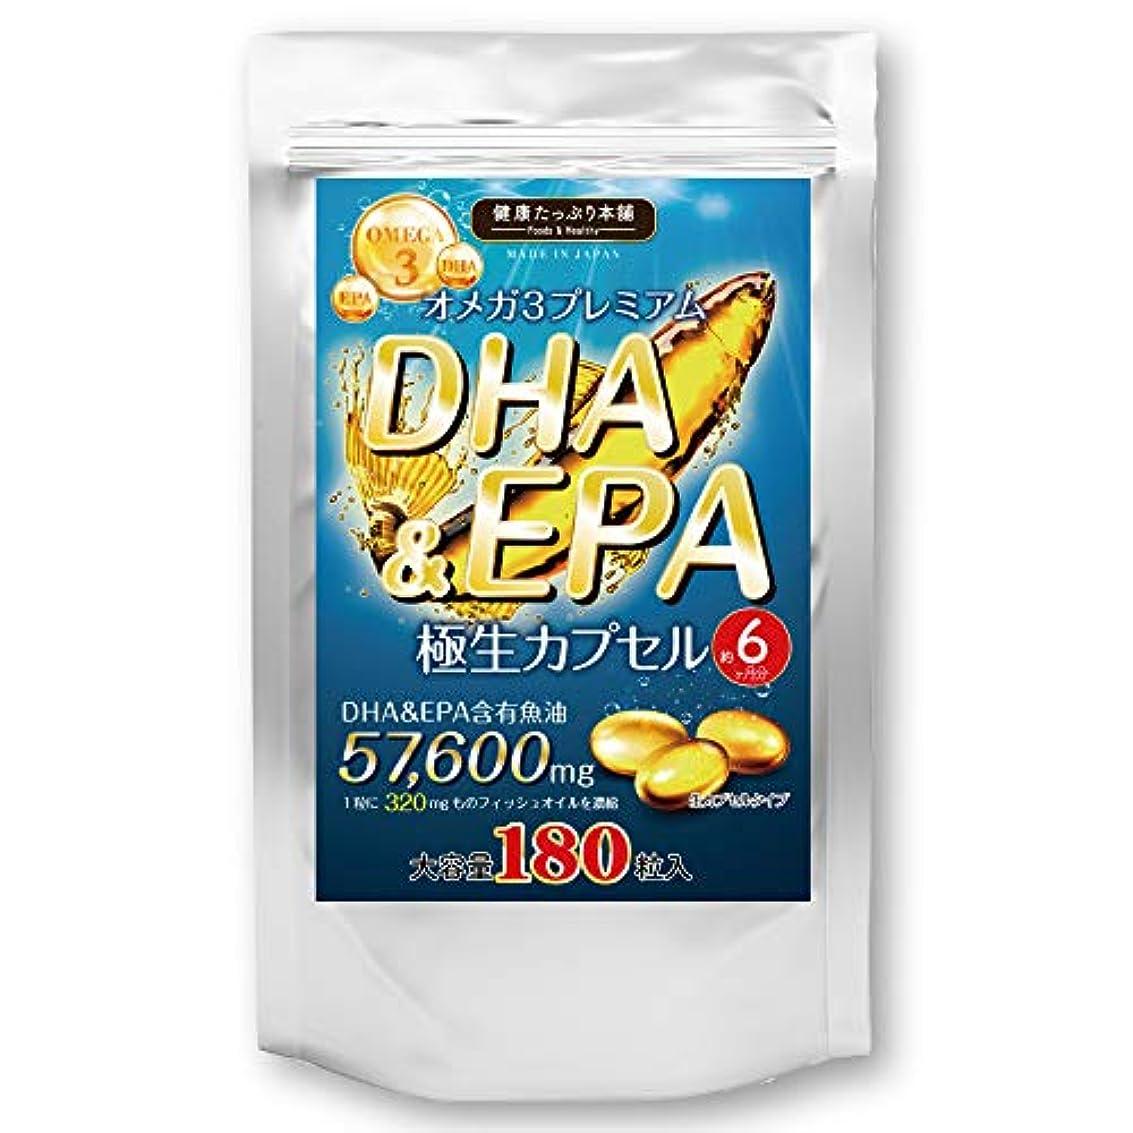 イースターアーカイブ発見オメガ3プレミアム DHA&EPA 極生ソフトカプセル 大容量約6ヶ月分/180粒(DHA含有魚油?EPA含有魚油)